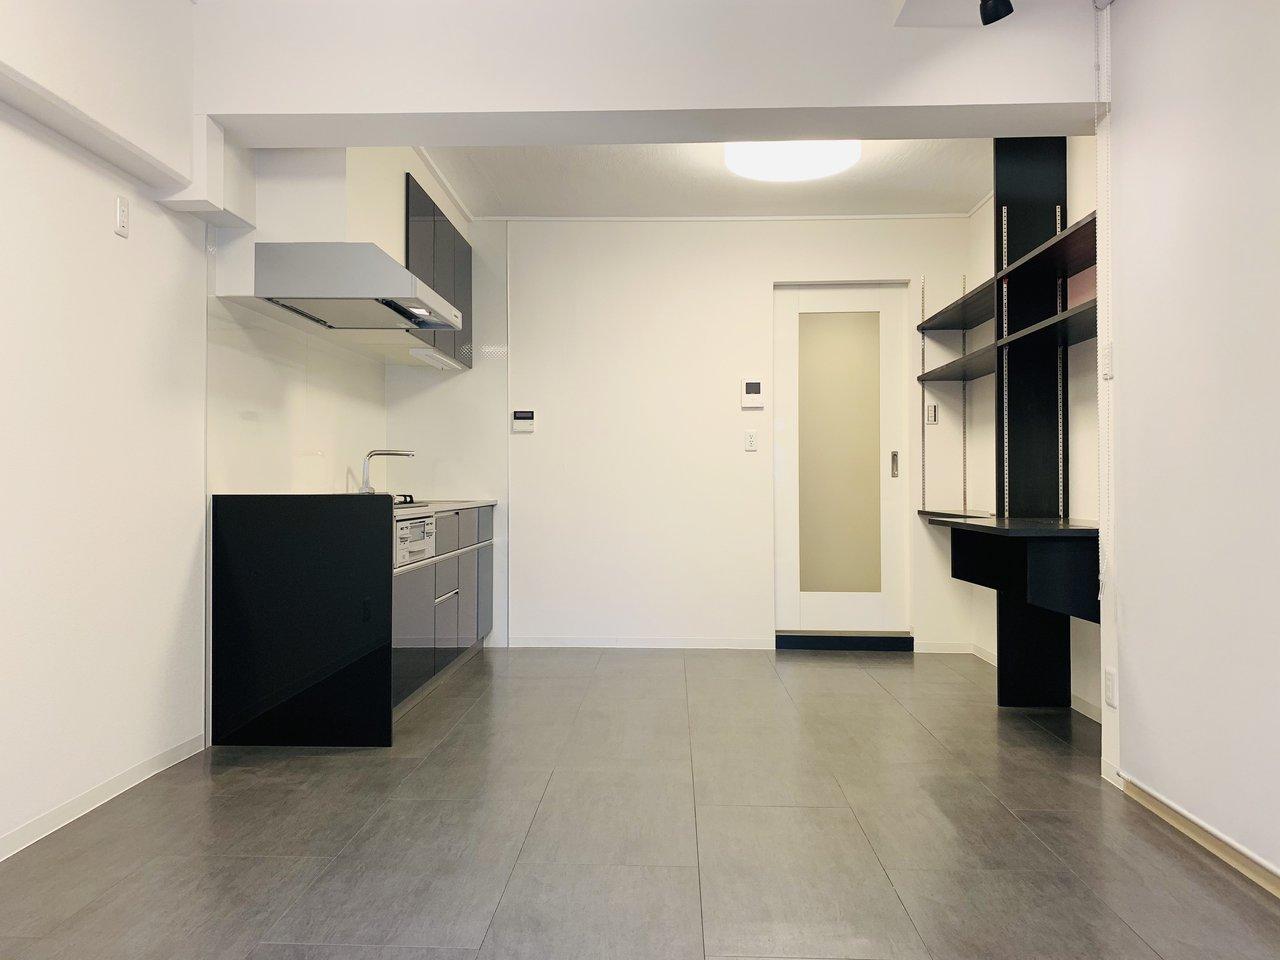 キッチンはシンクも広く、3口コンロ。背面には壁面収納スタイル。さらにデスクもついているので、パソコン作業などはここでやってもいいかもしれません。